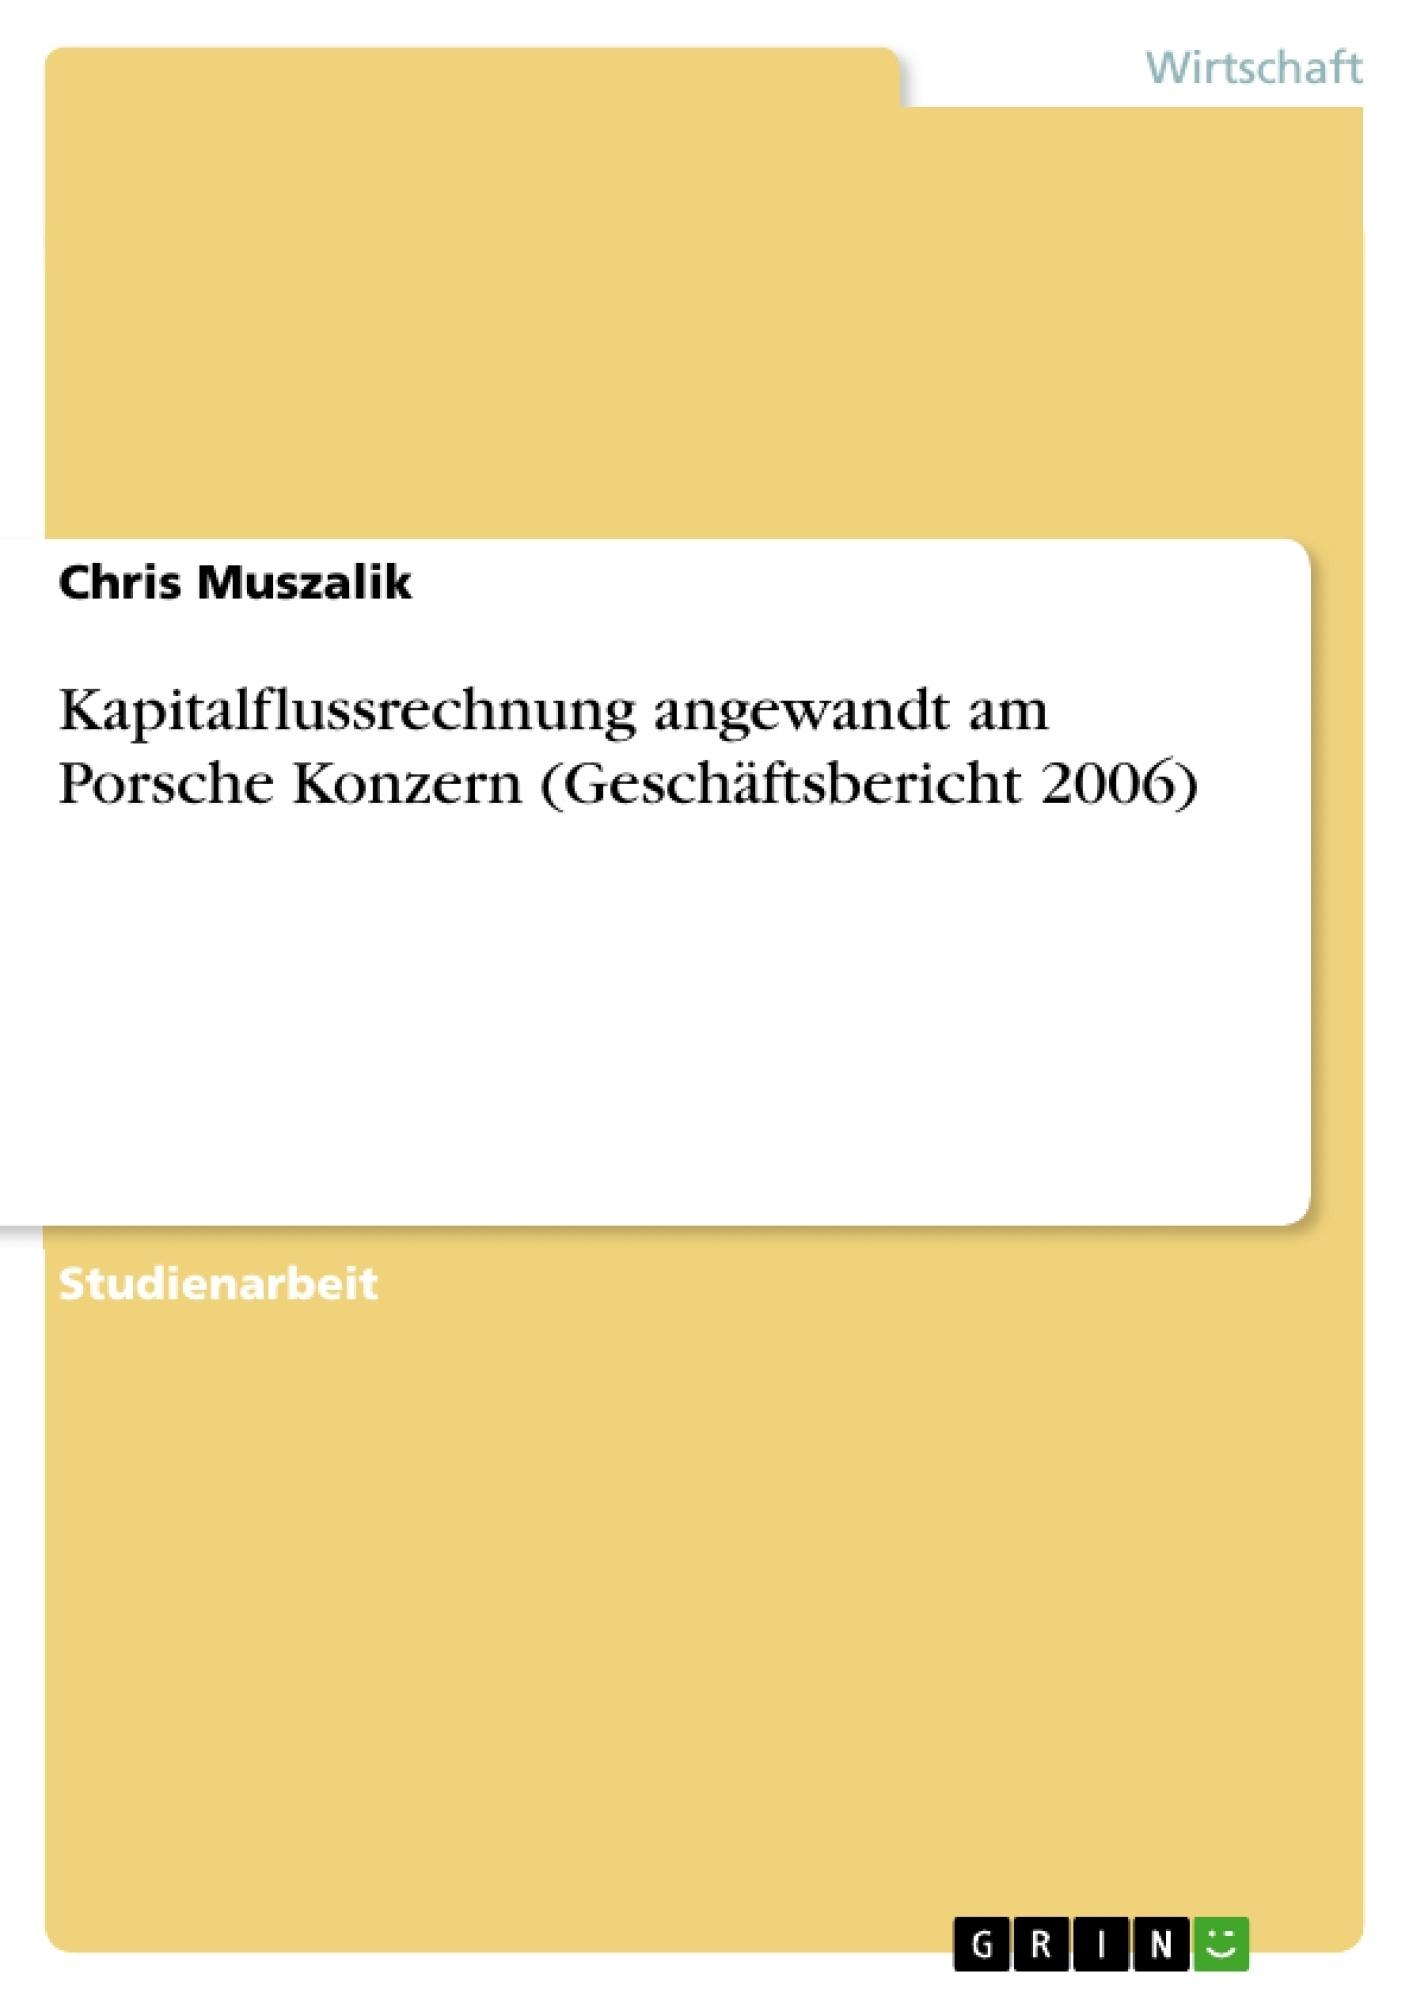 Titel: Kapitalflussrechnung angewandt am Porsche Konzern (Geschäftsbericht 2006)